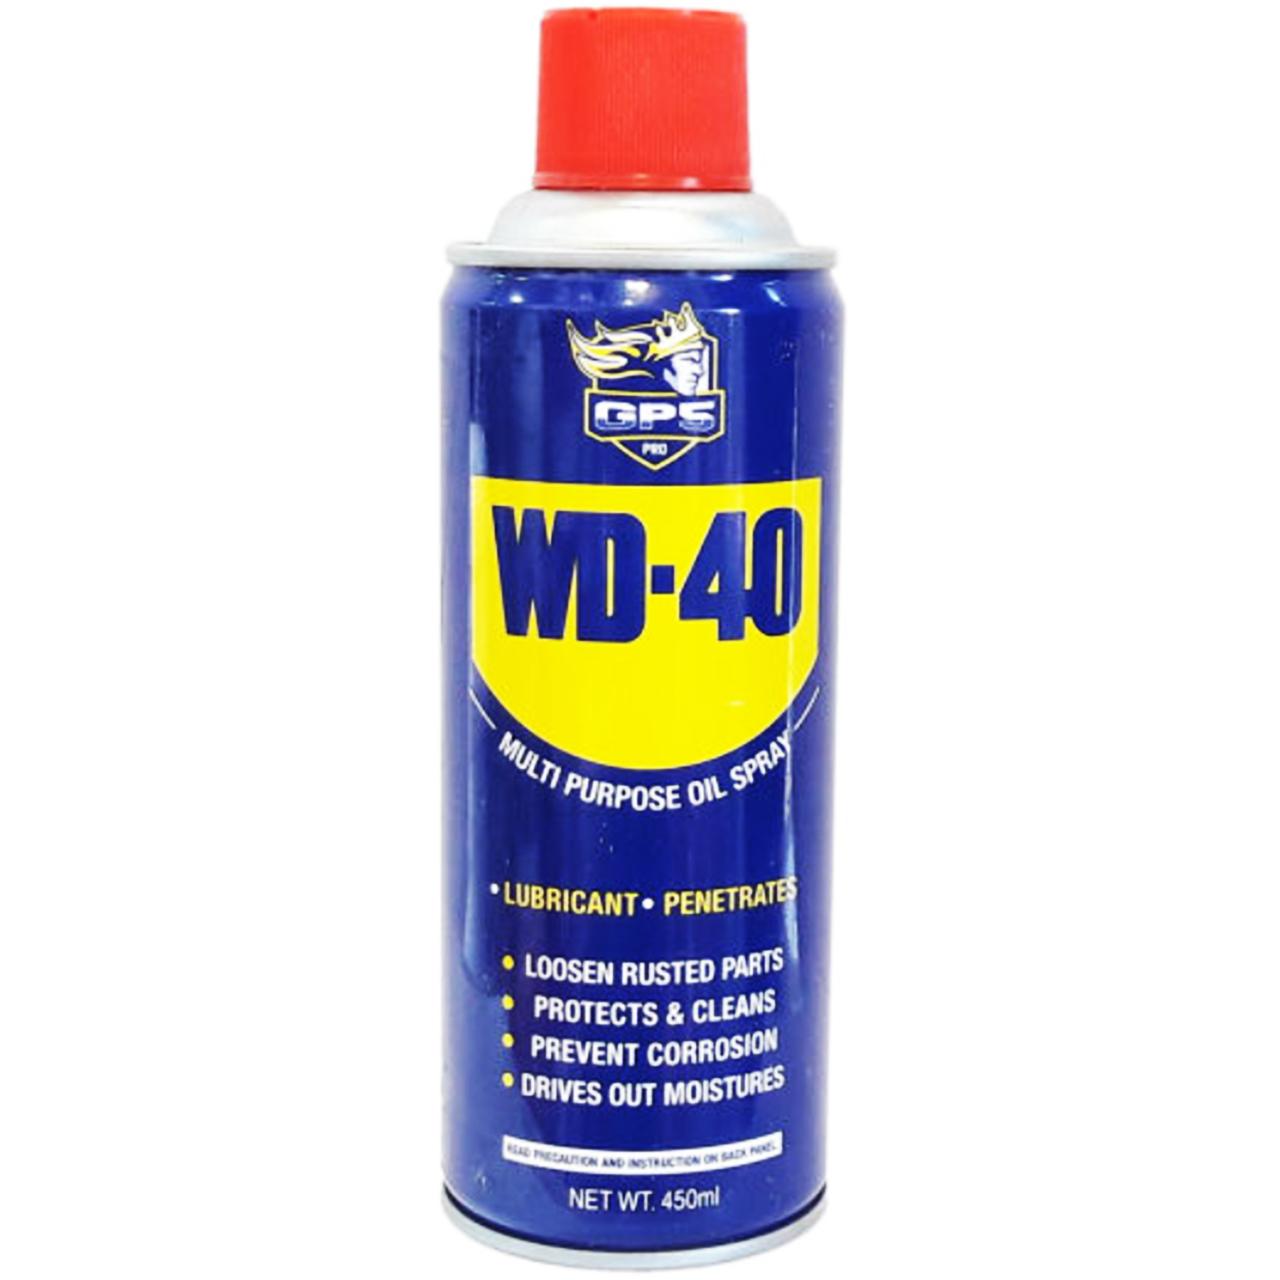 اسپری روان کننده جی پی اس گل پخش مدل WD-40 حجم 450 میلی لیتر